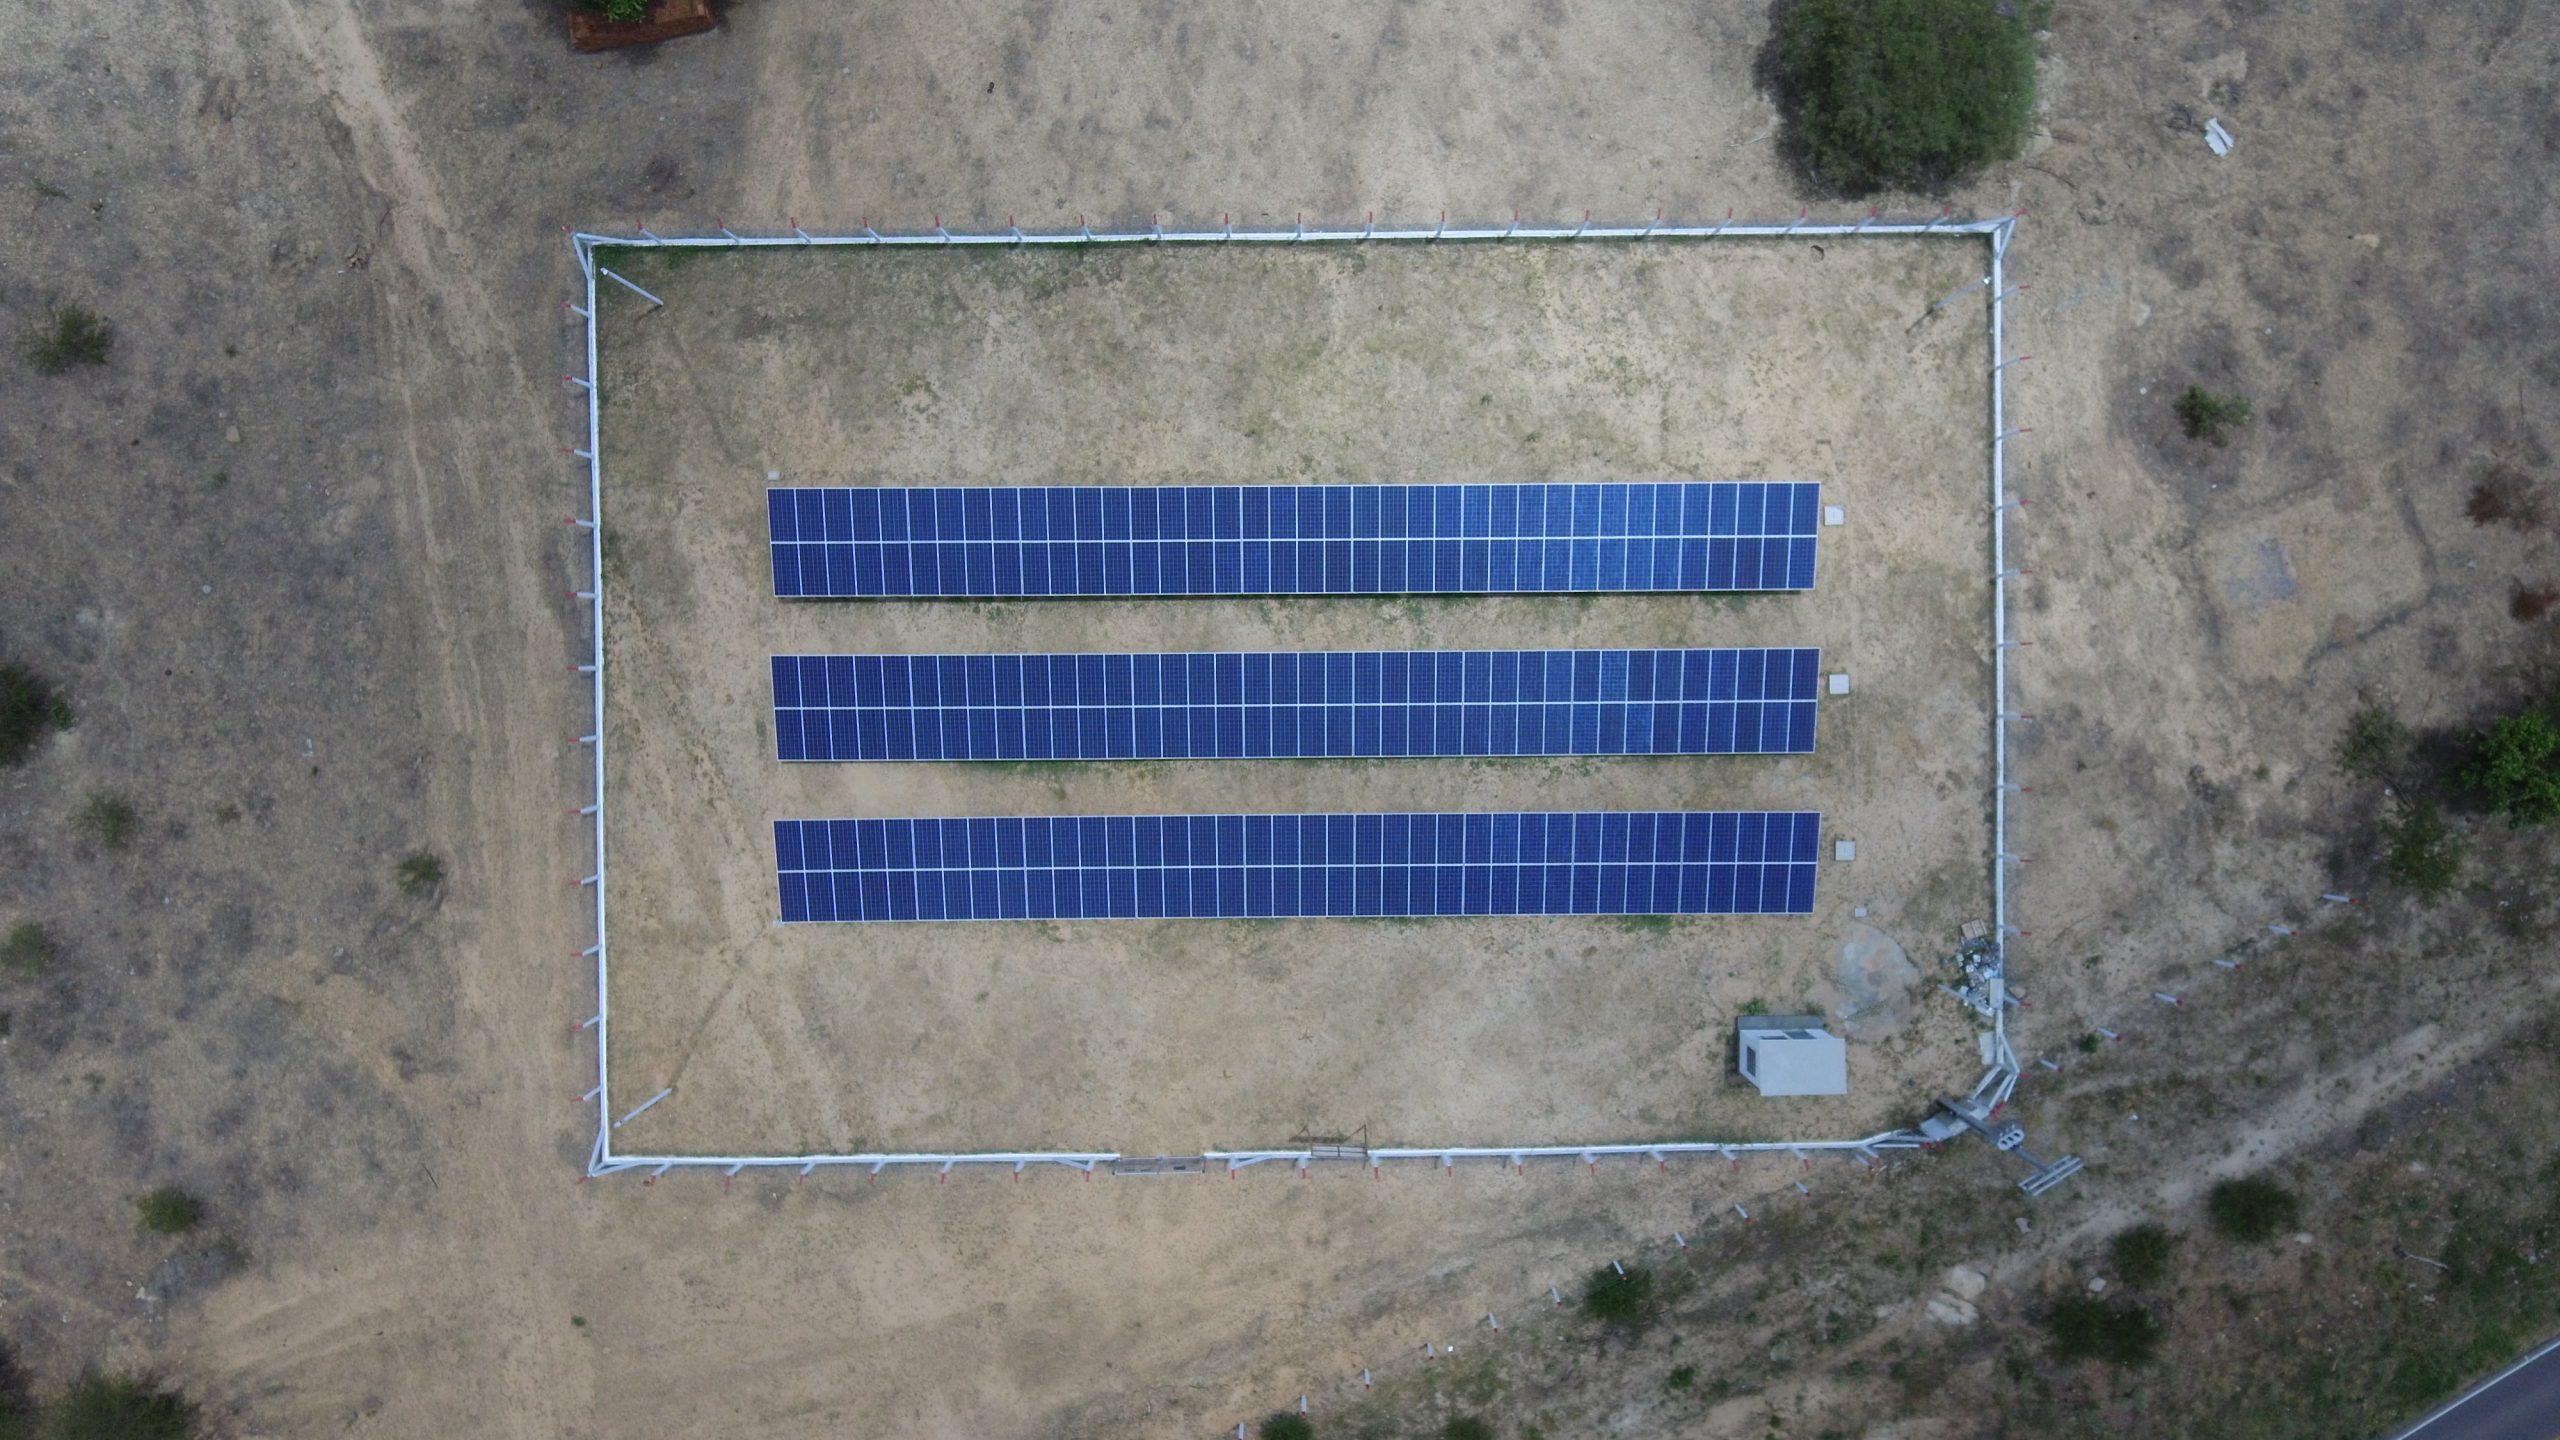 USINA COMERCIAL – CARNAÍBA (PE) – 75 kWp